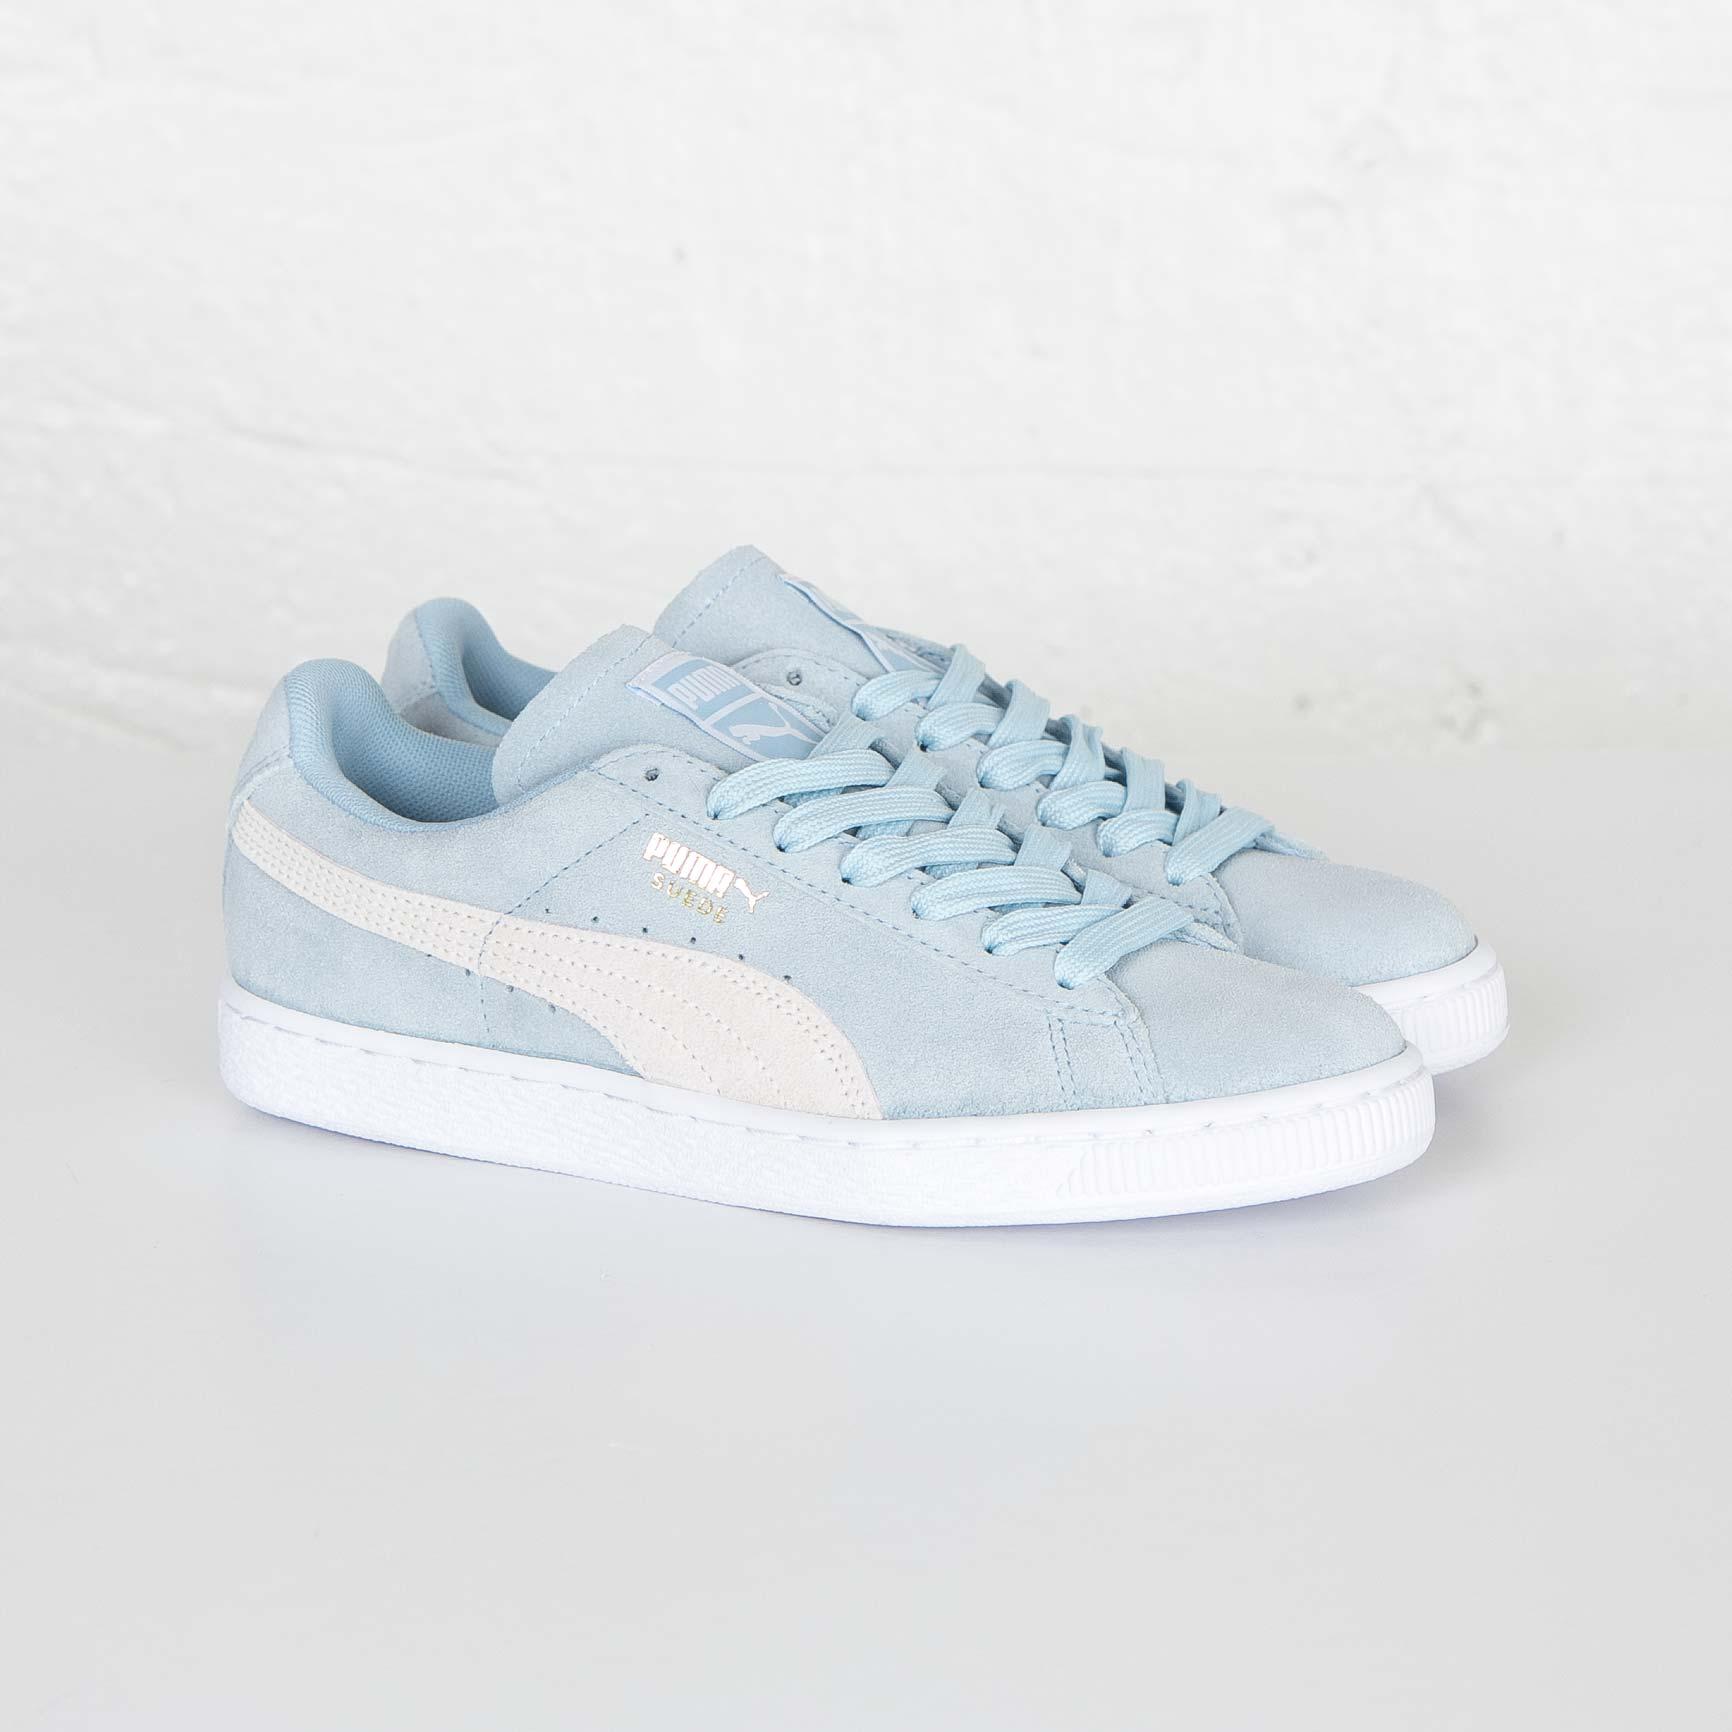 pas cher pour réduction d8083 844a3 Puma Suede Classic Wns - 355462-34 - Sneakersnstuff ...